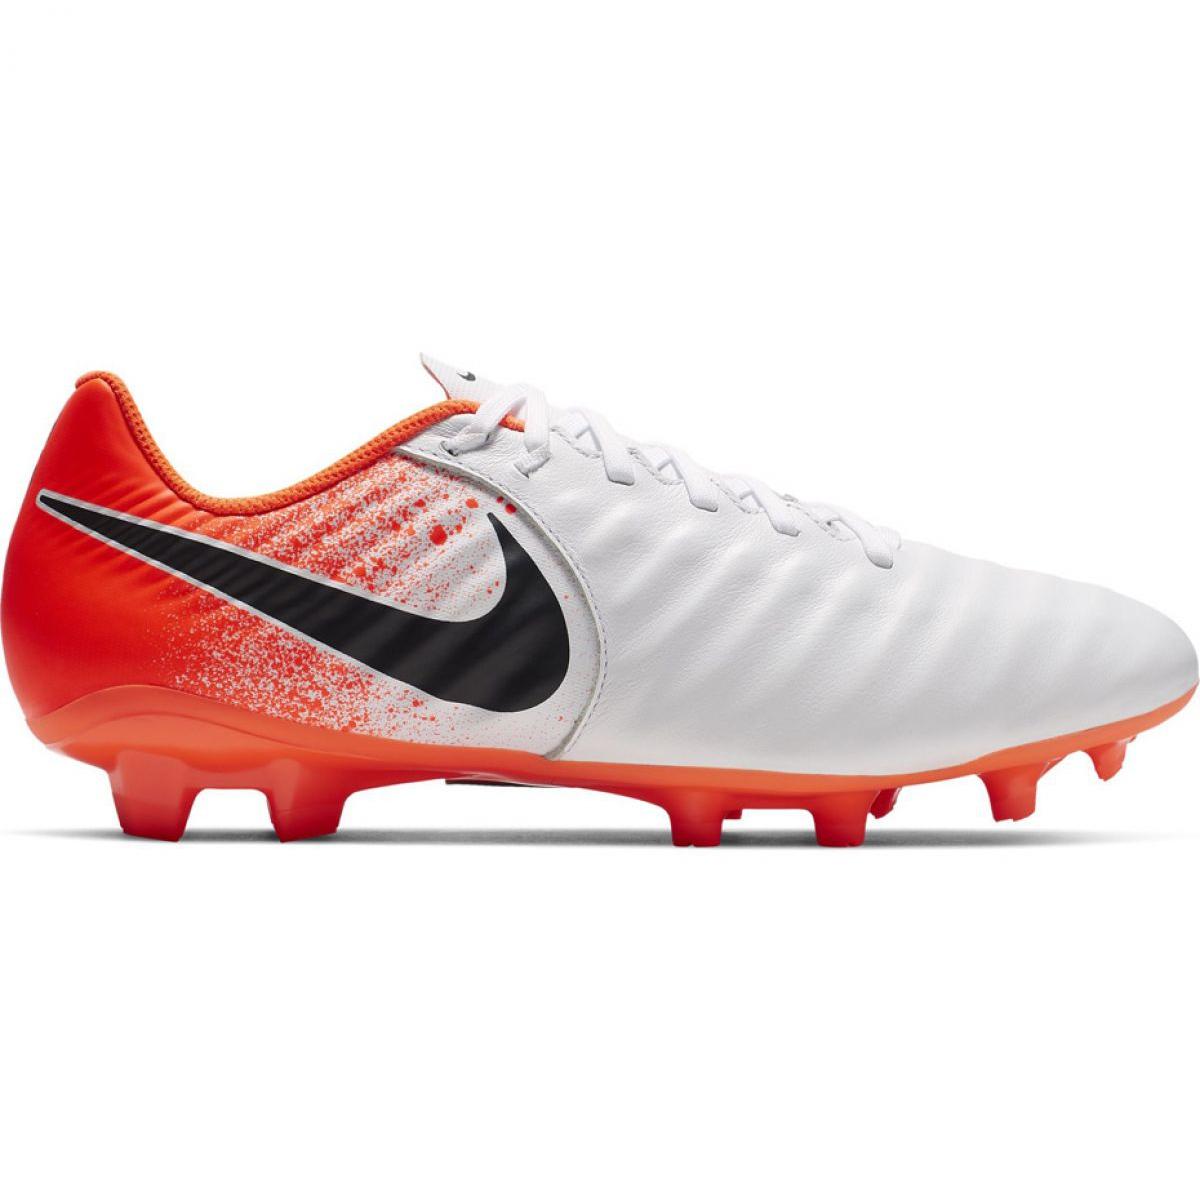 Botines Nike Tiempo De Alta Gama Adultos Cordoba F煤tbol